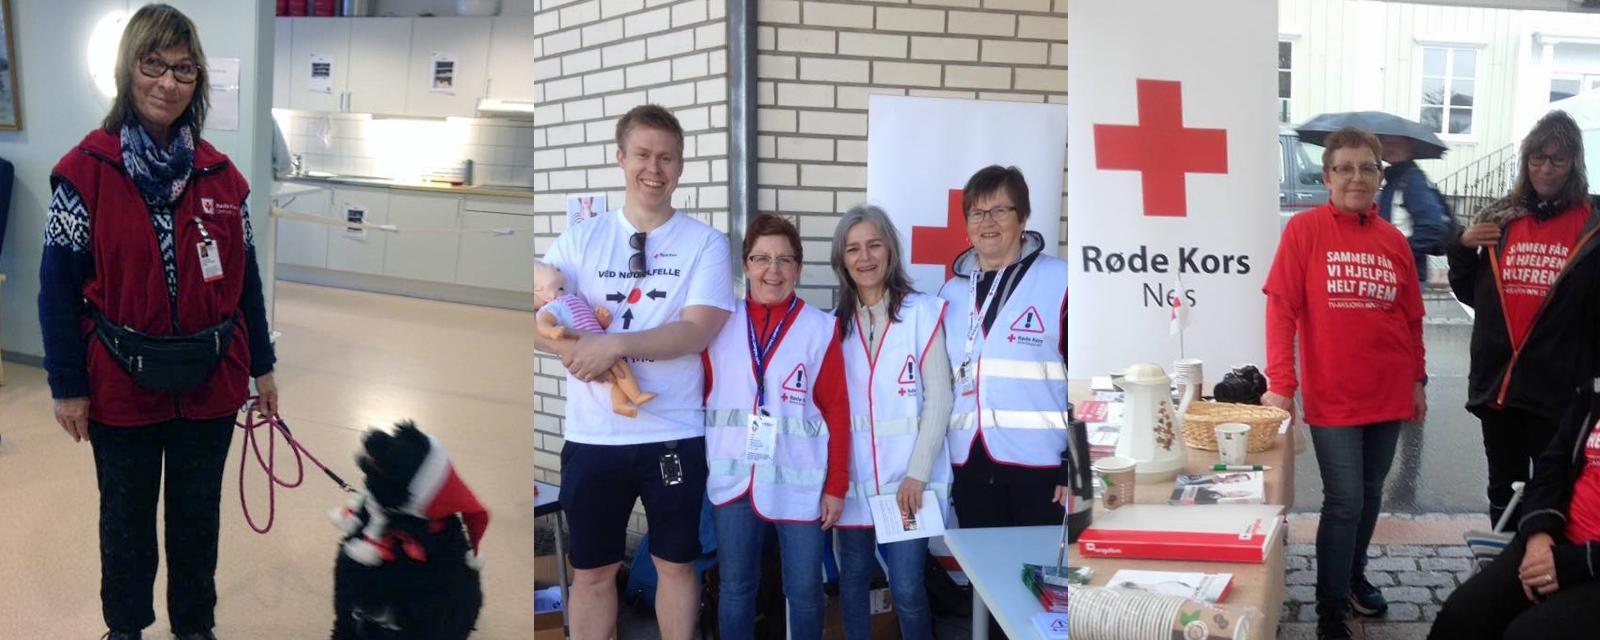 Nes Røde Kors Røde Kors